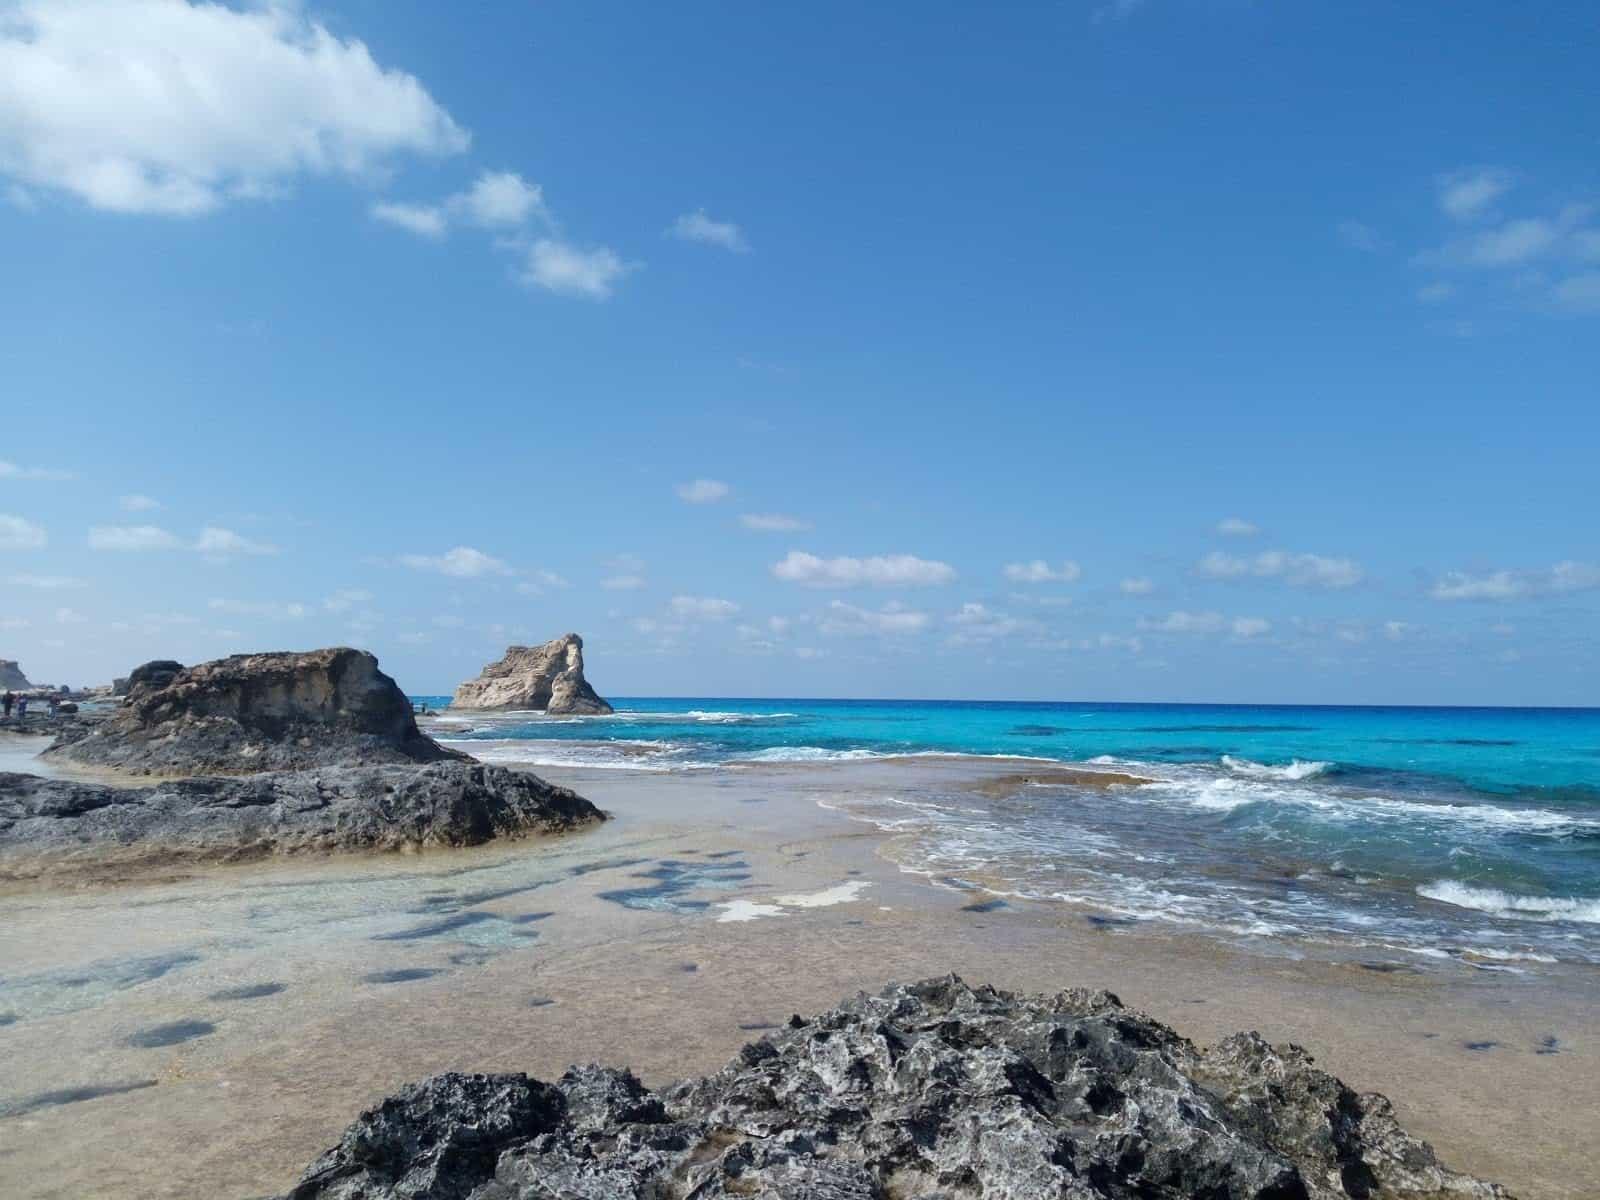 Egypt Beaches Cleopatra's Rock Marsa Matruh Egypt